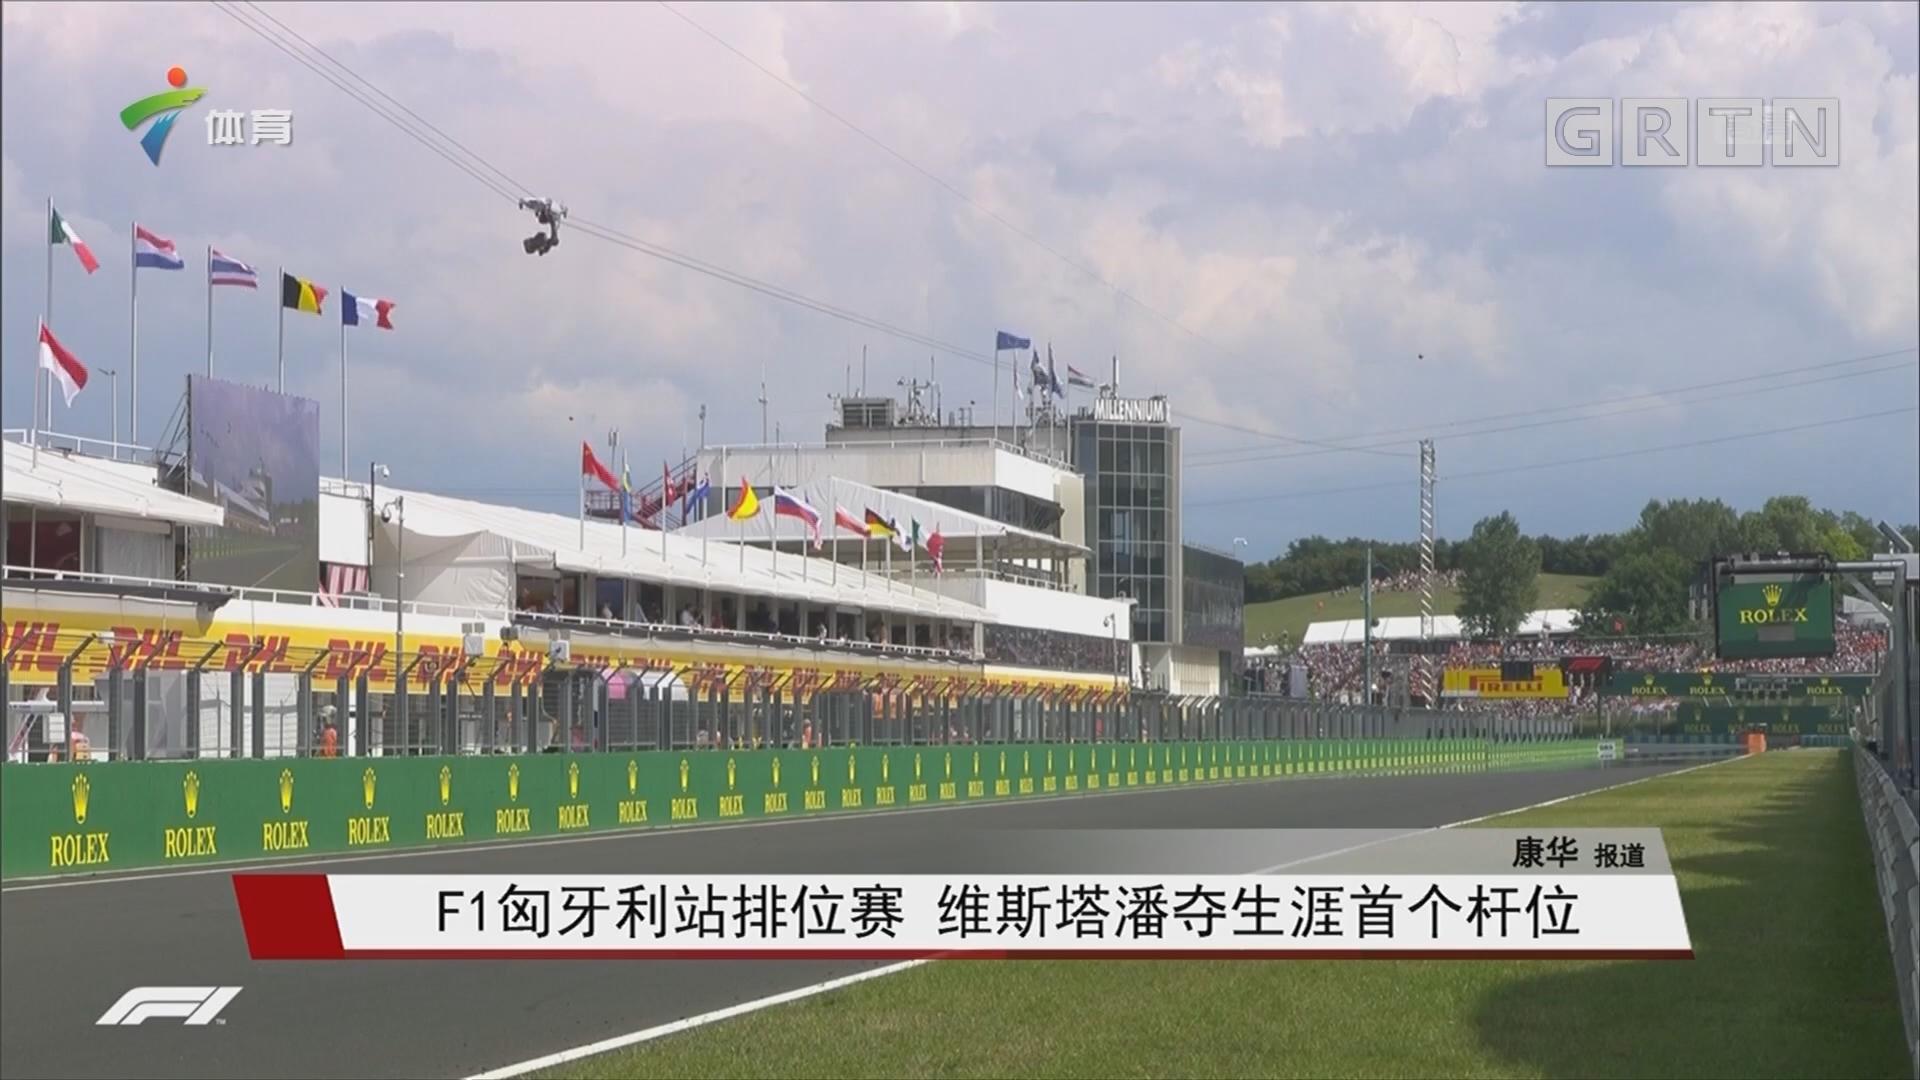 F1匈牙利站排位赛 维斯塔潘夺生涯首个杆位